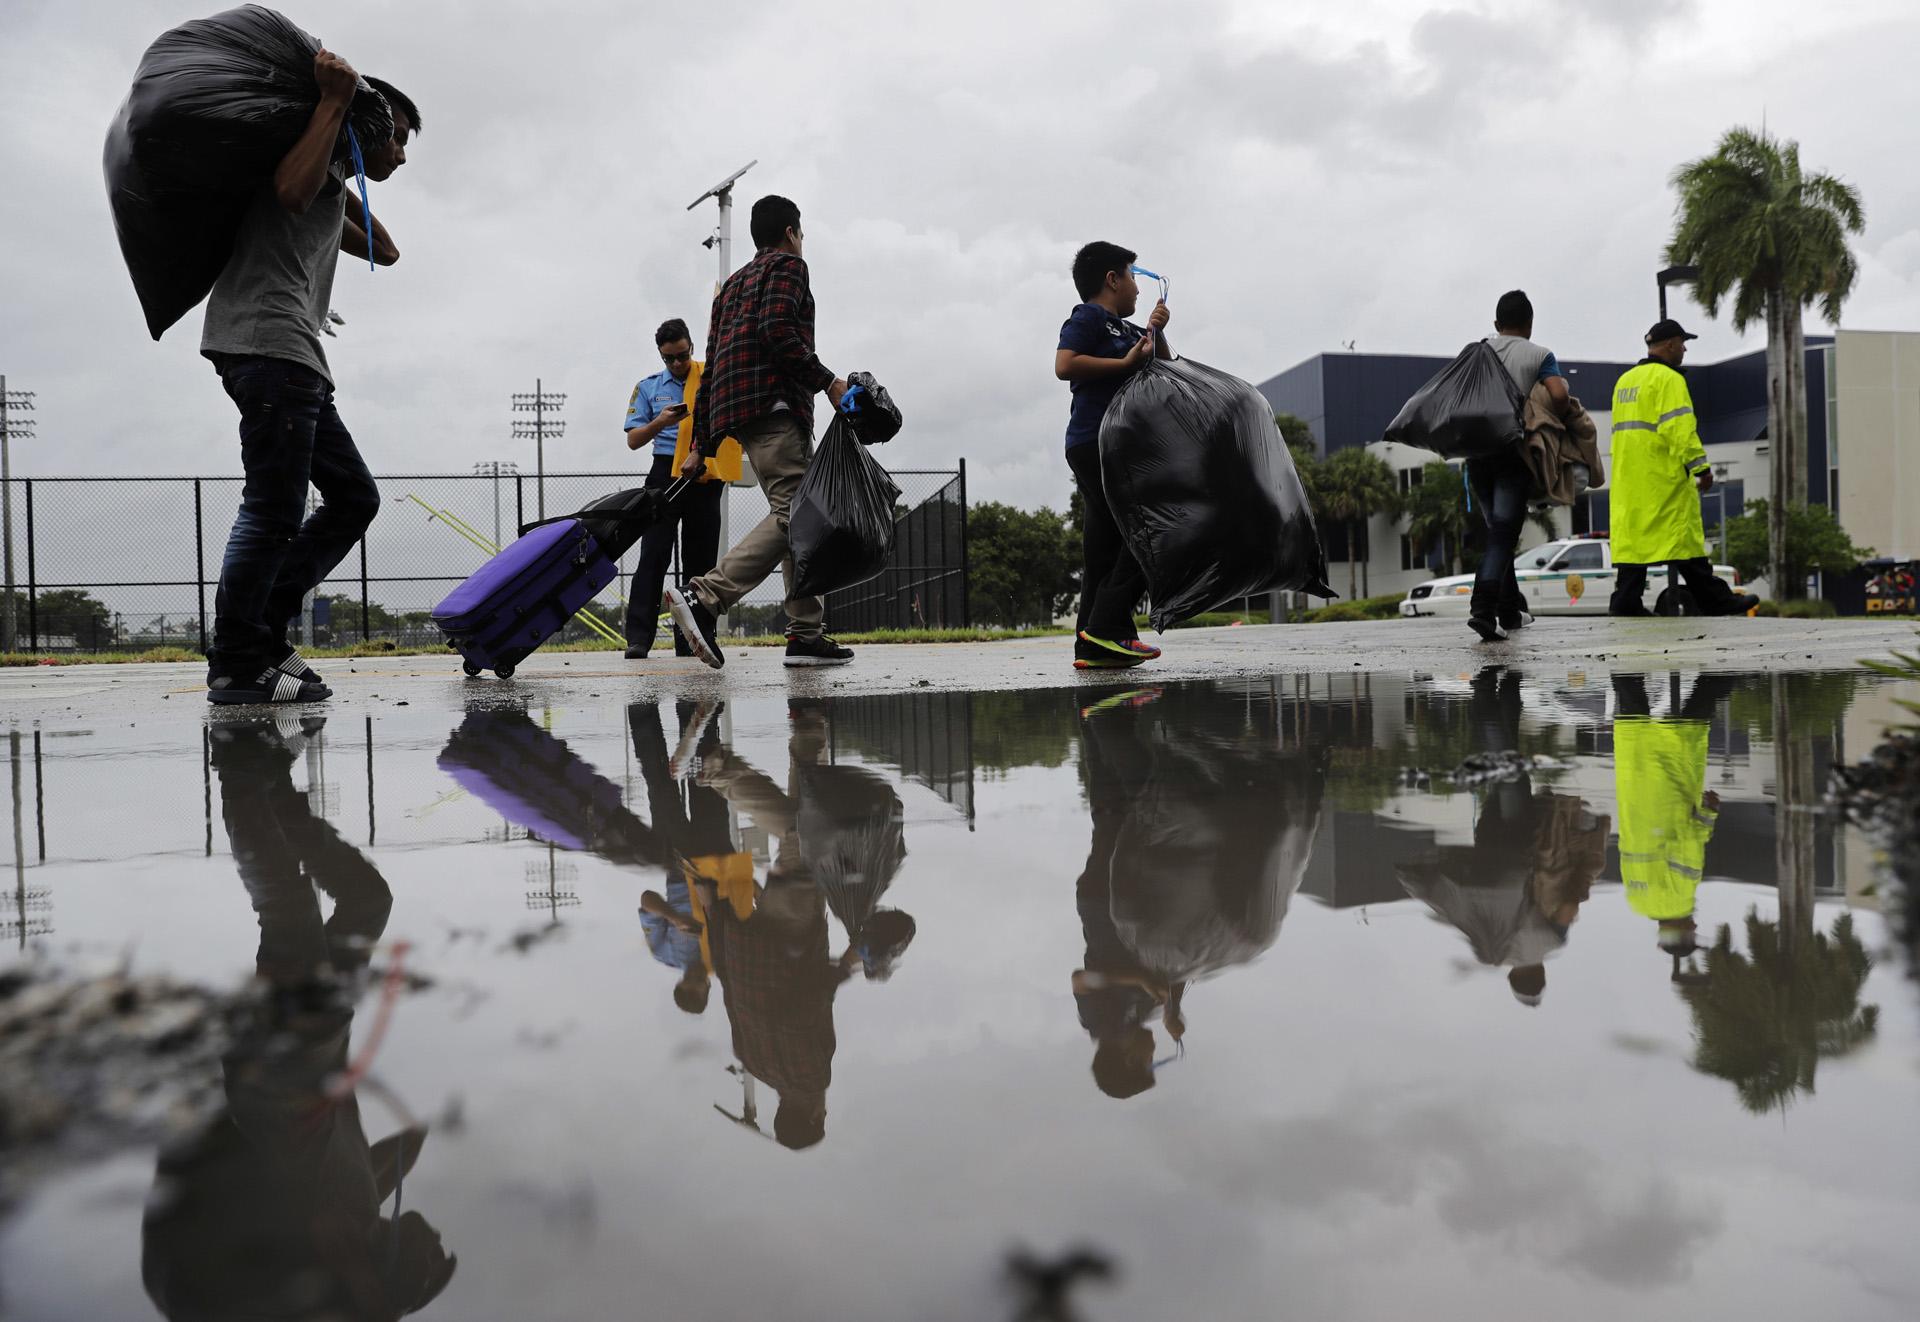 Los evacuados son trasladados a otro edificio con más baños mientras se refugian en Florida International University antes del huracán Irma en Miami. (AP)